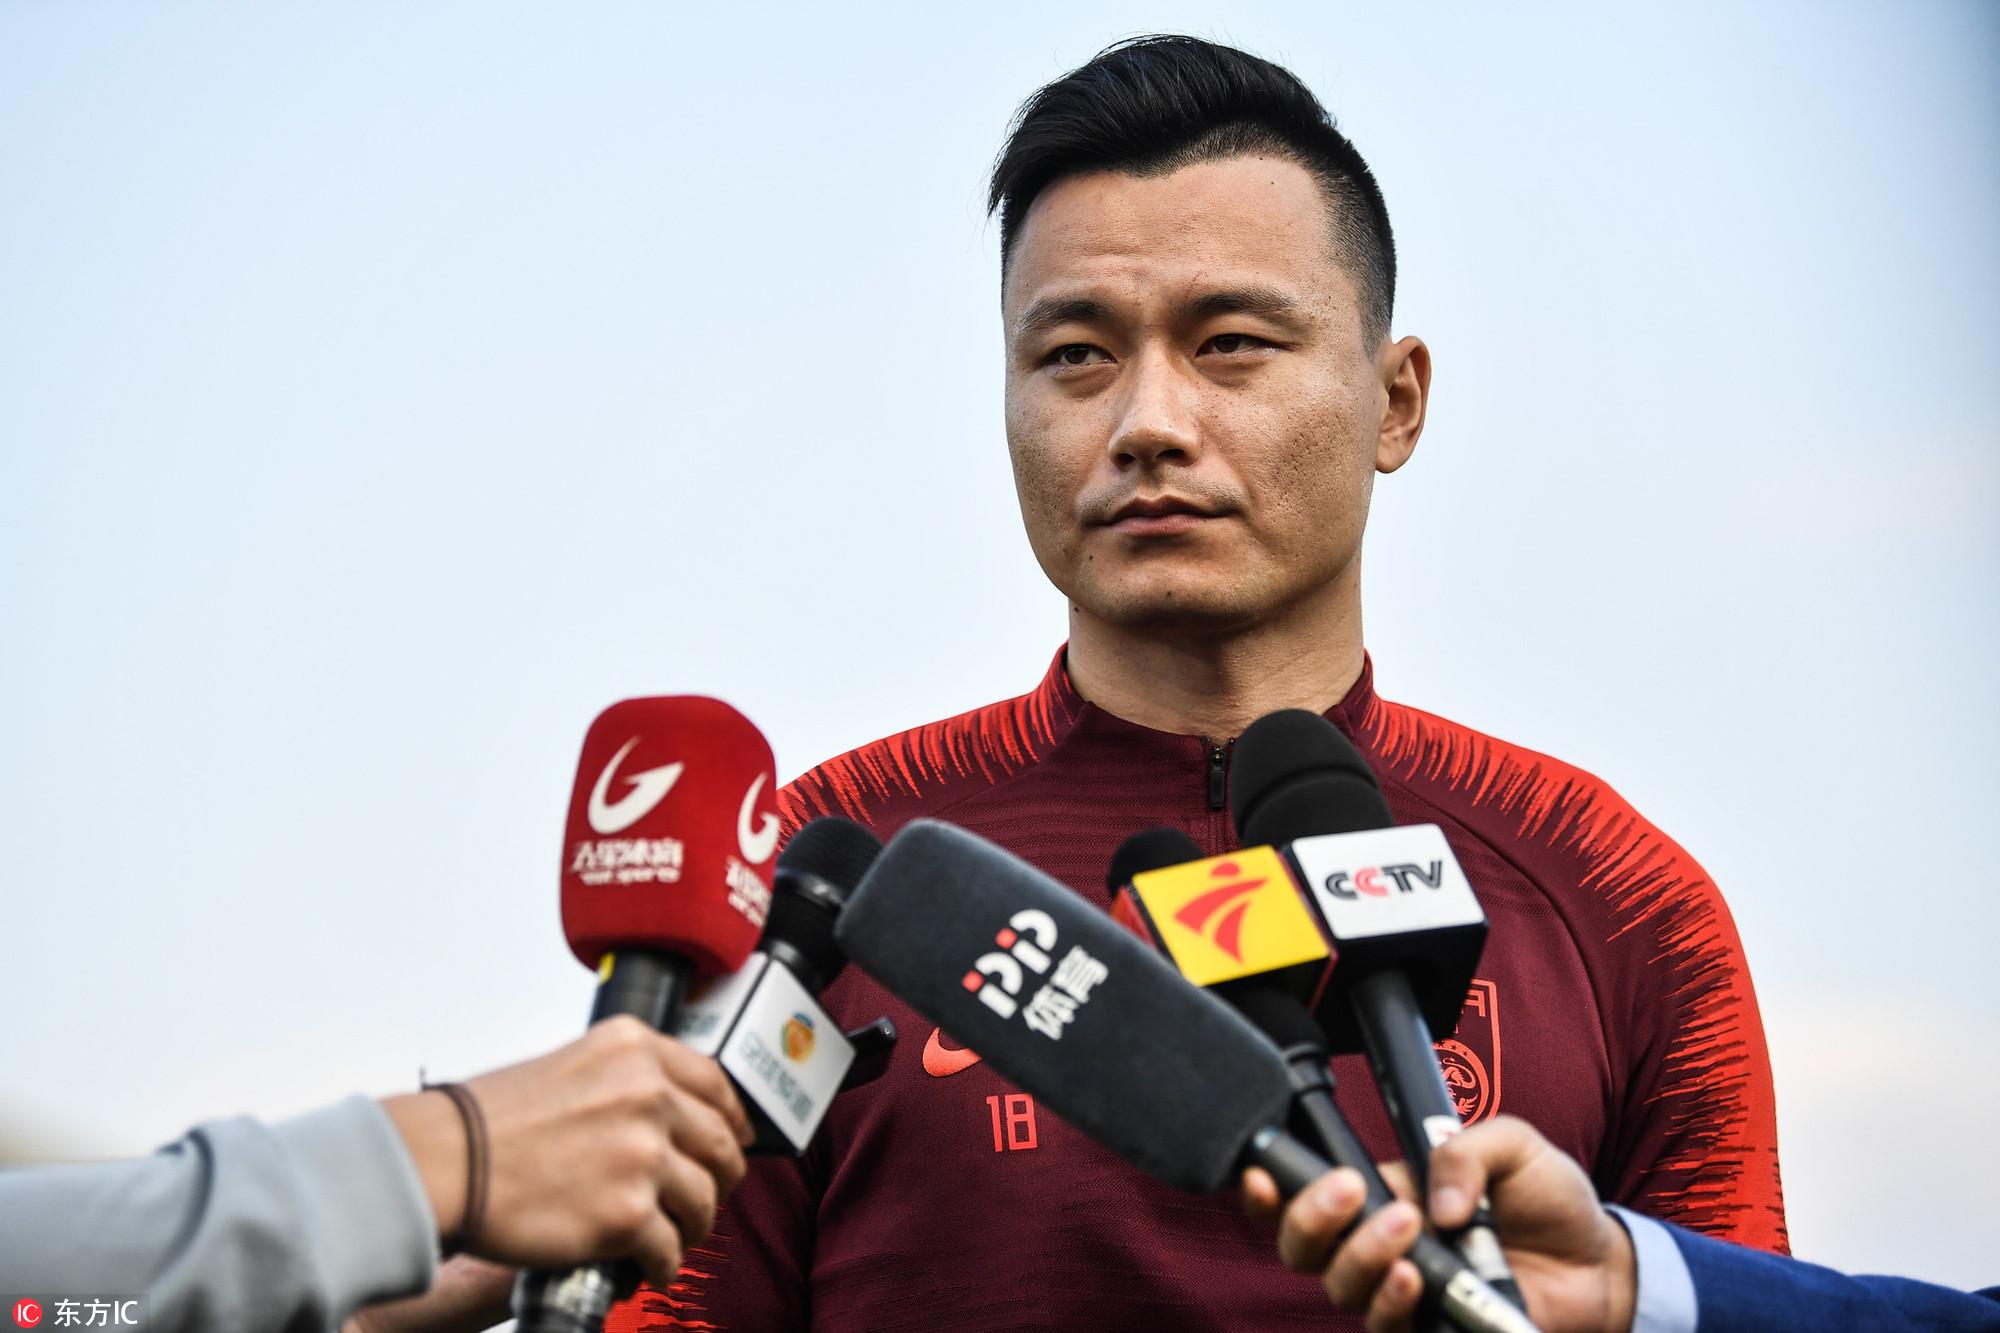 郜林:自豪代表国足出战百场,与印度交手检验调整能力